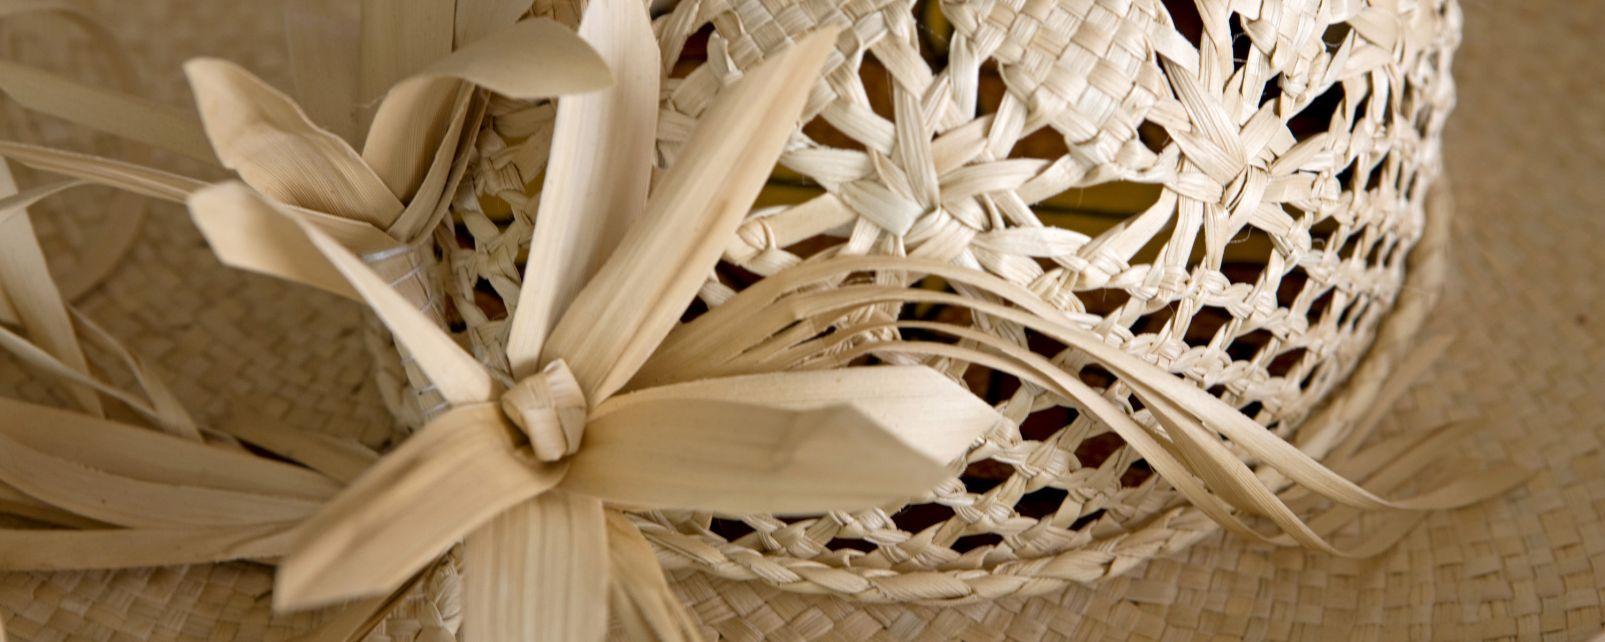 Le tressage artisanal - Les îles Australes - Polynésie